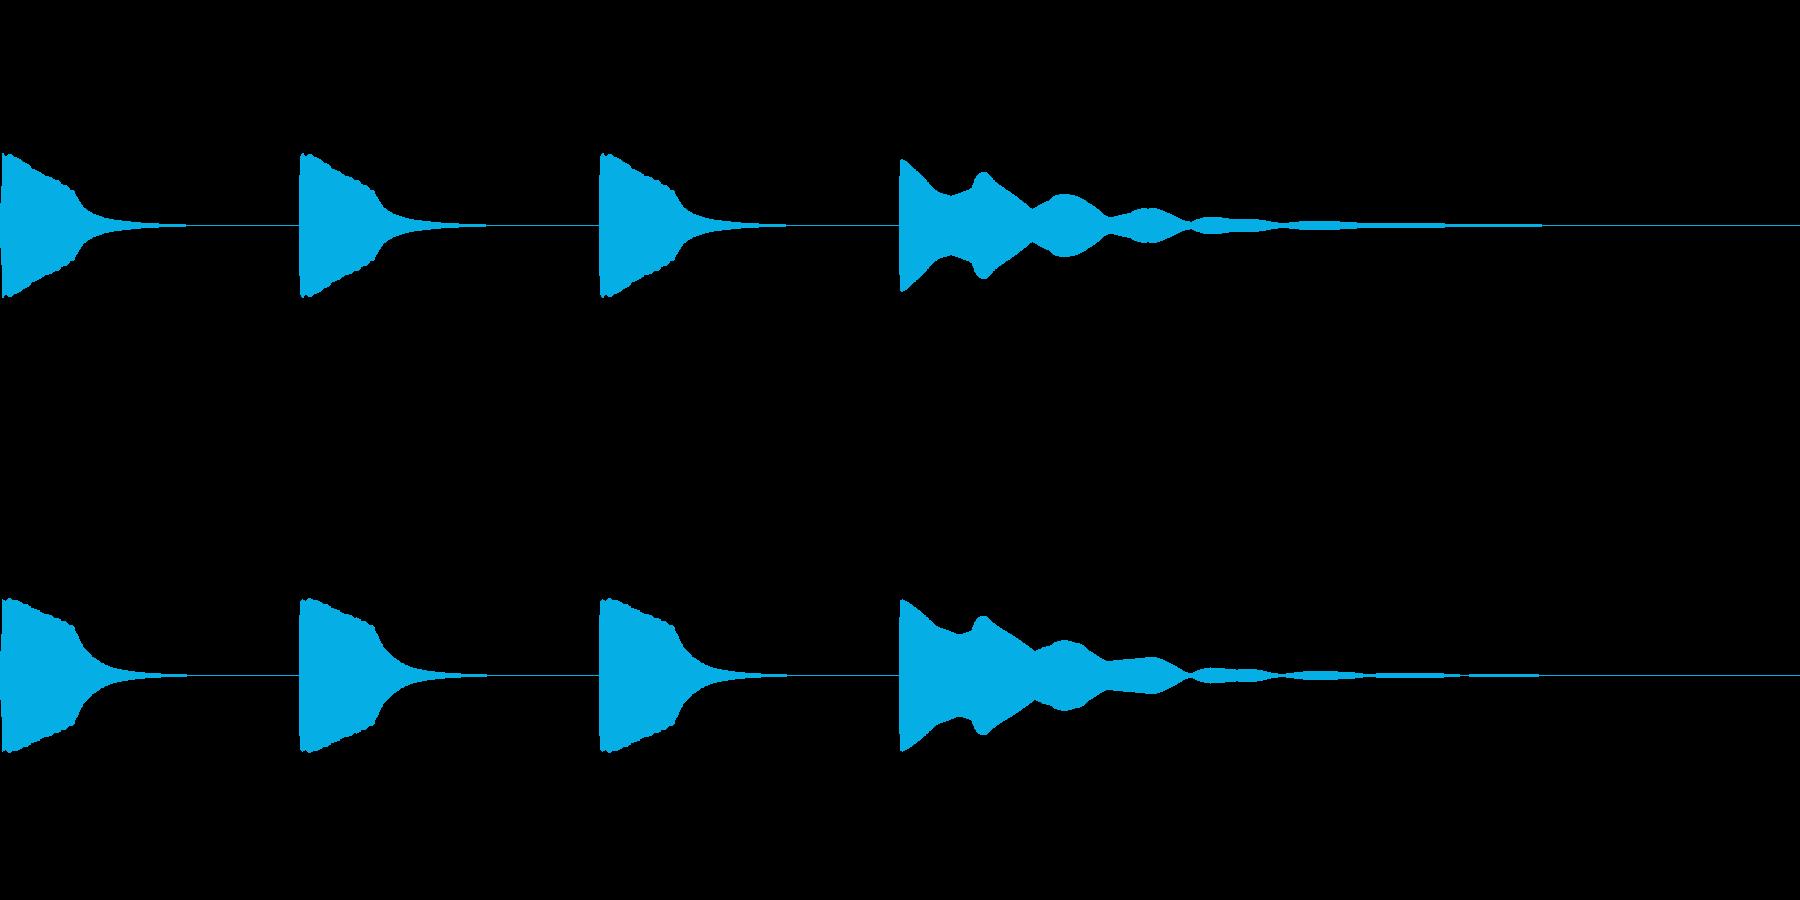 レースのスタート音・時報 (ノーマル音)の再生済みの波形